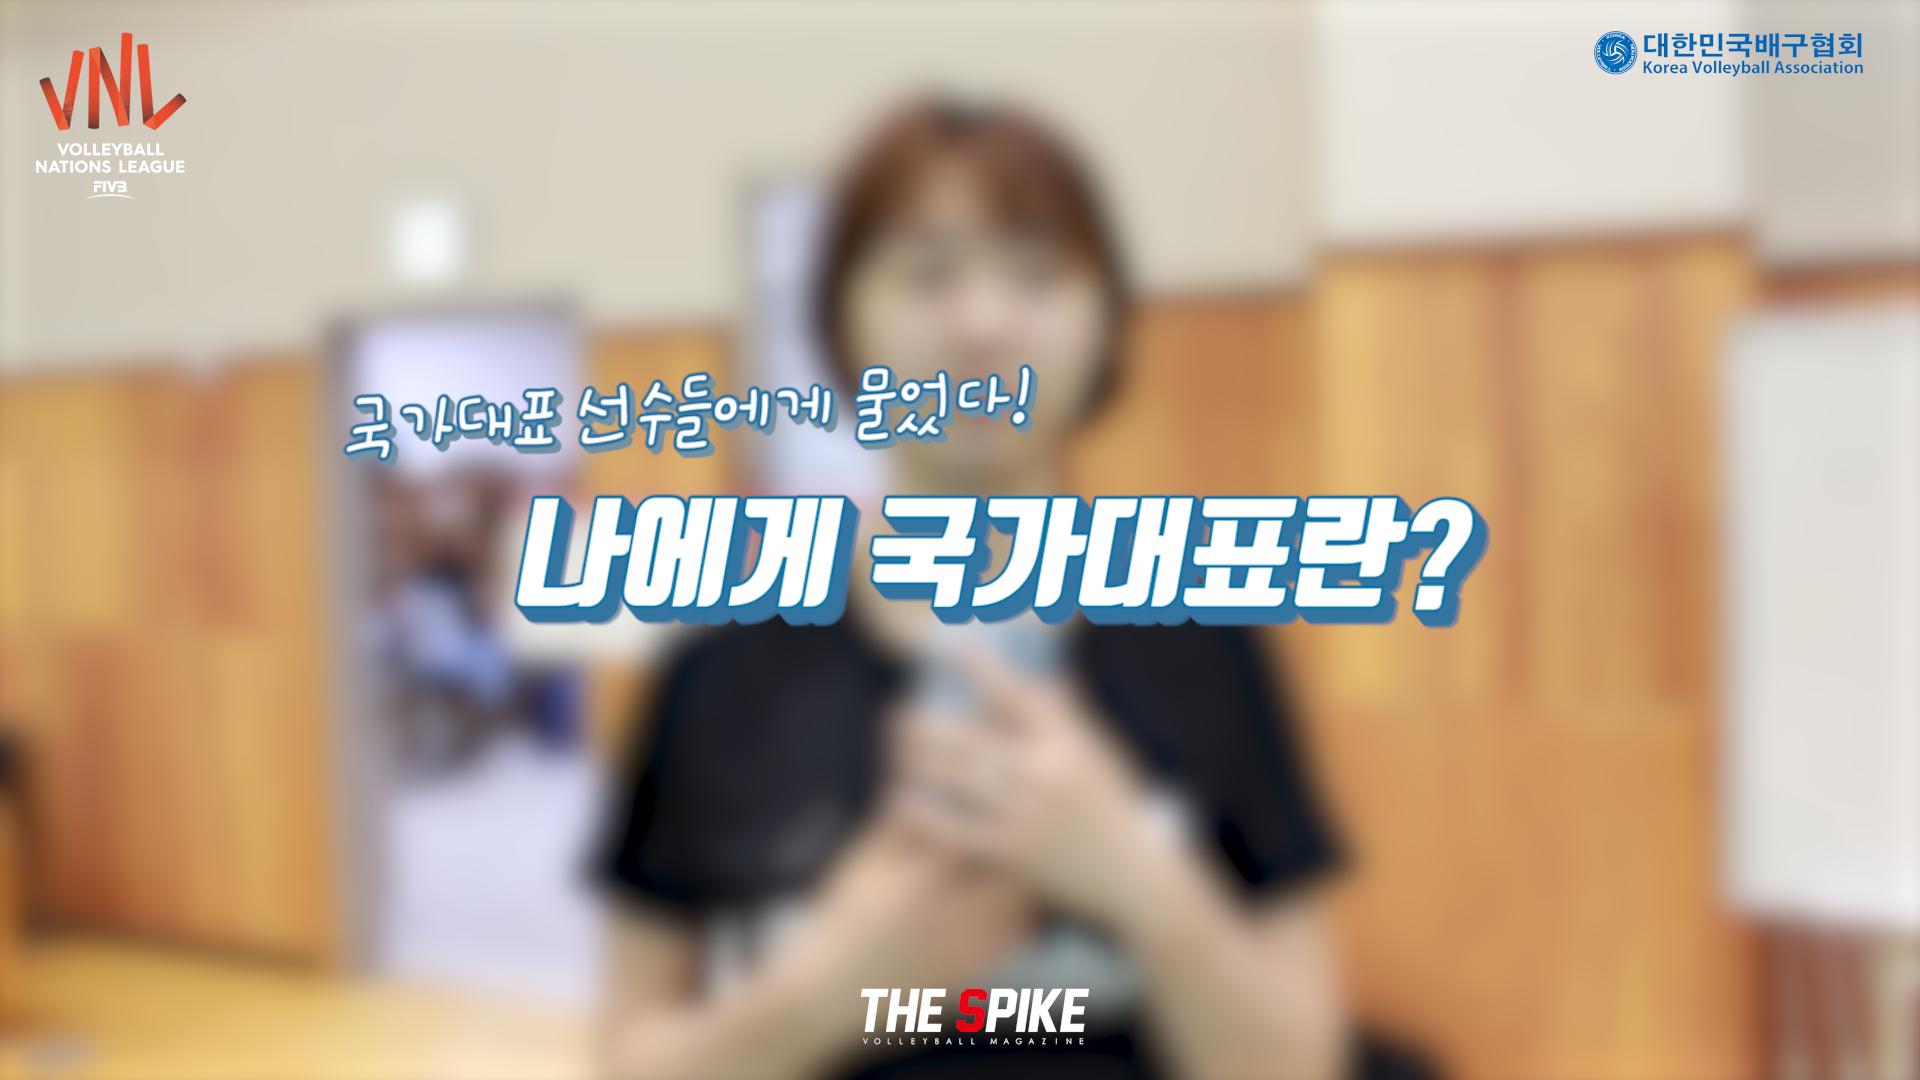 [2019VNL] 국가대표 선수들에게 물었다! '나에게 국가대표란?'